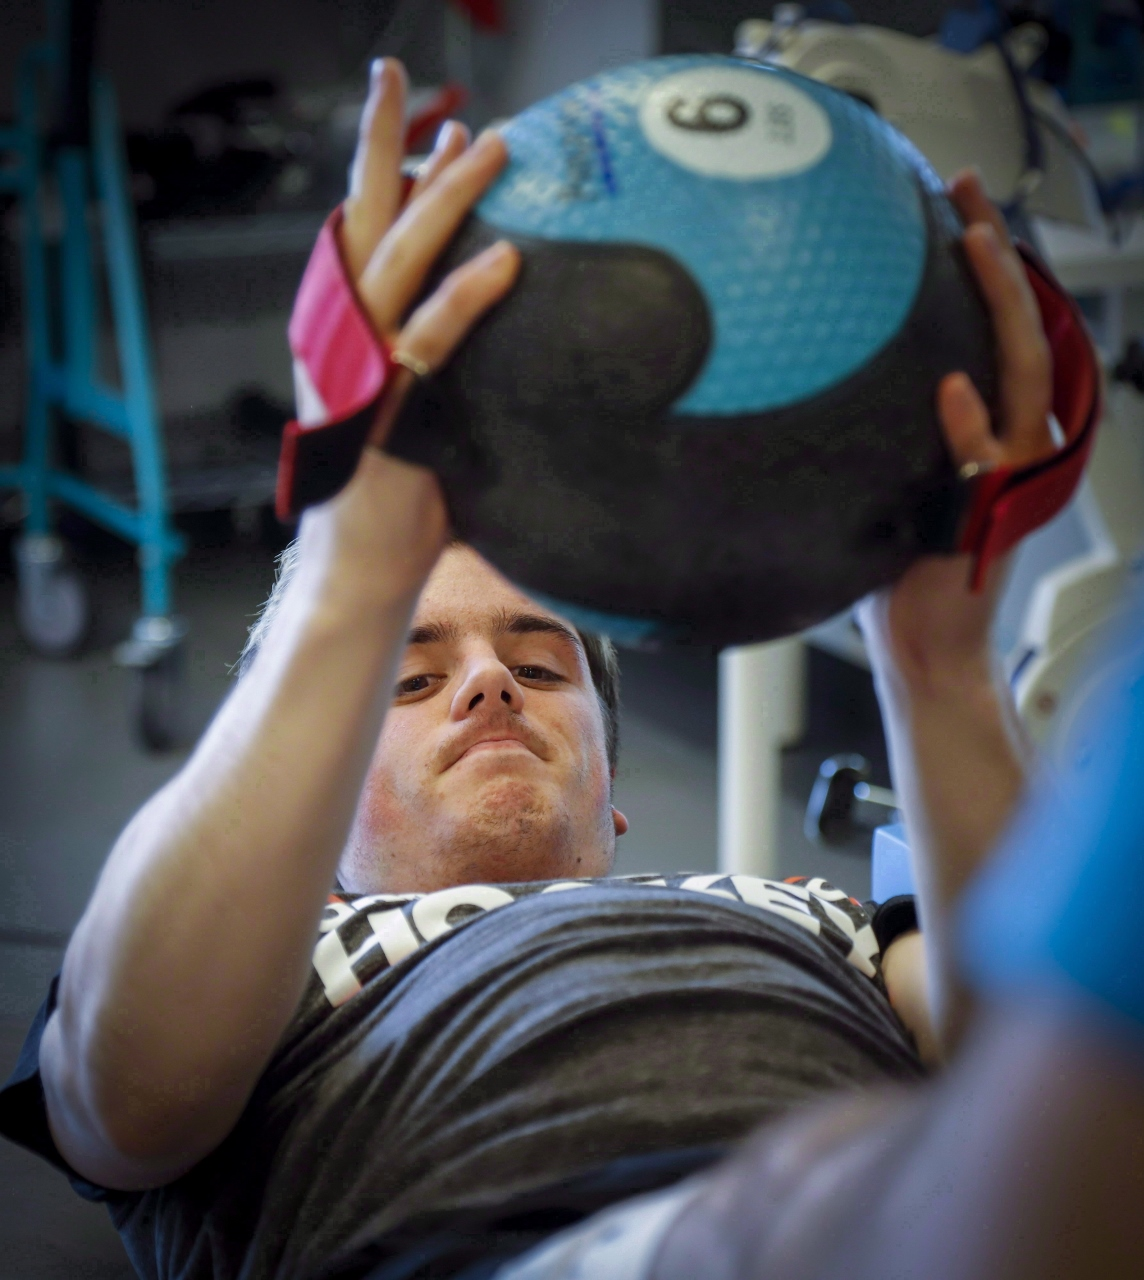 Photo de Ryan Straschnitzki, survivant de l'accident d'autobus, lors d'une séance de physiothérapie.